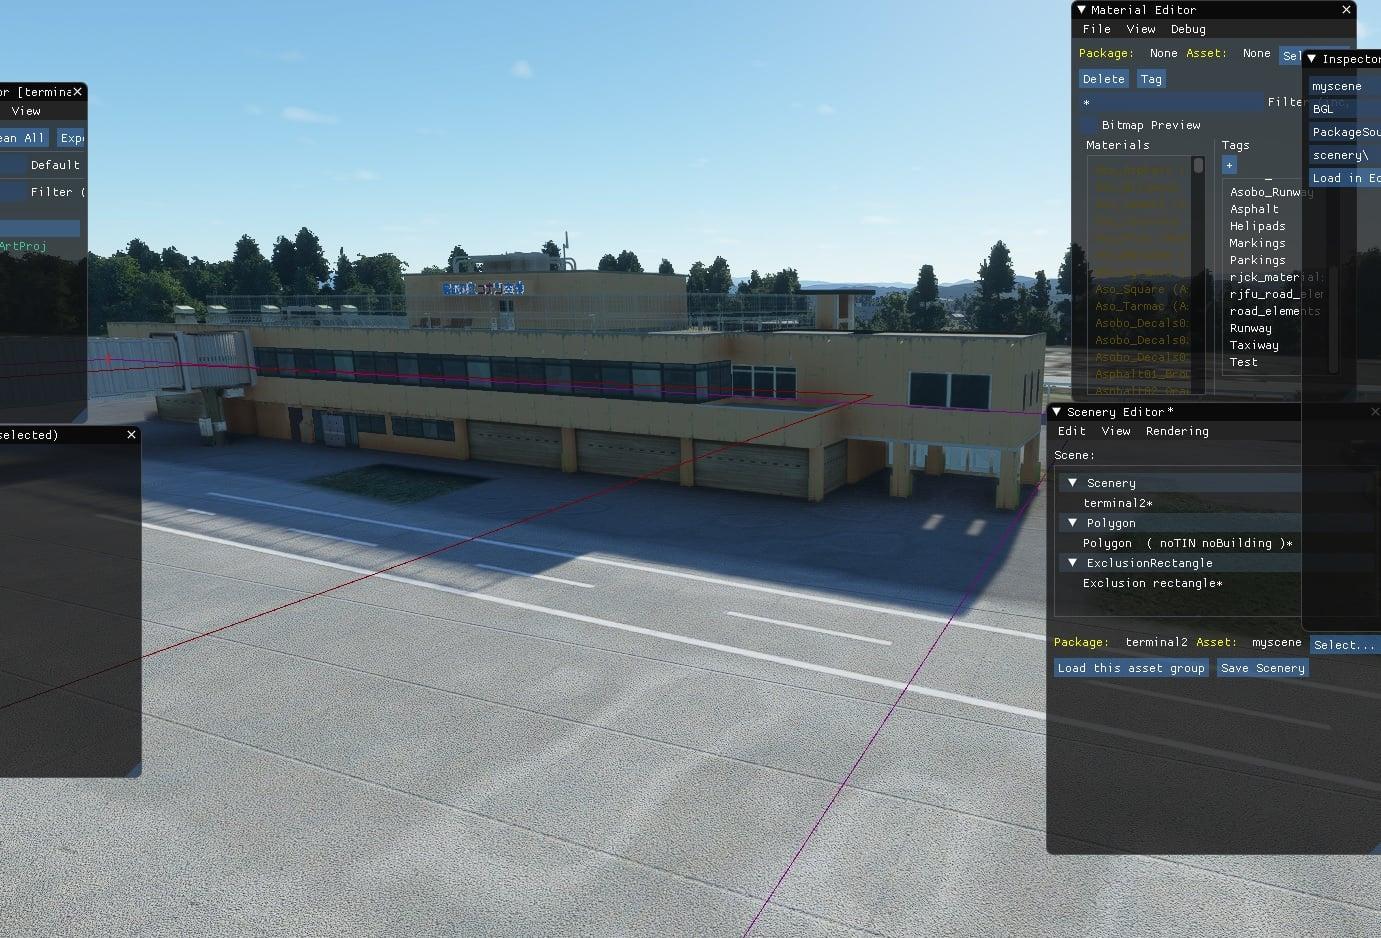 饭制《微软飞行模拟》第三方组件包 柯南机场即将到来